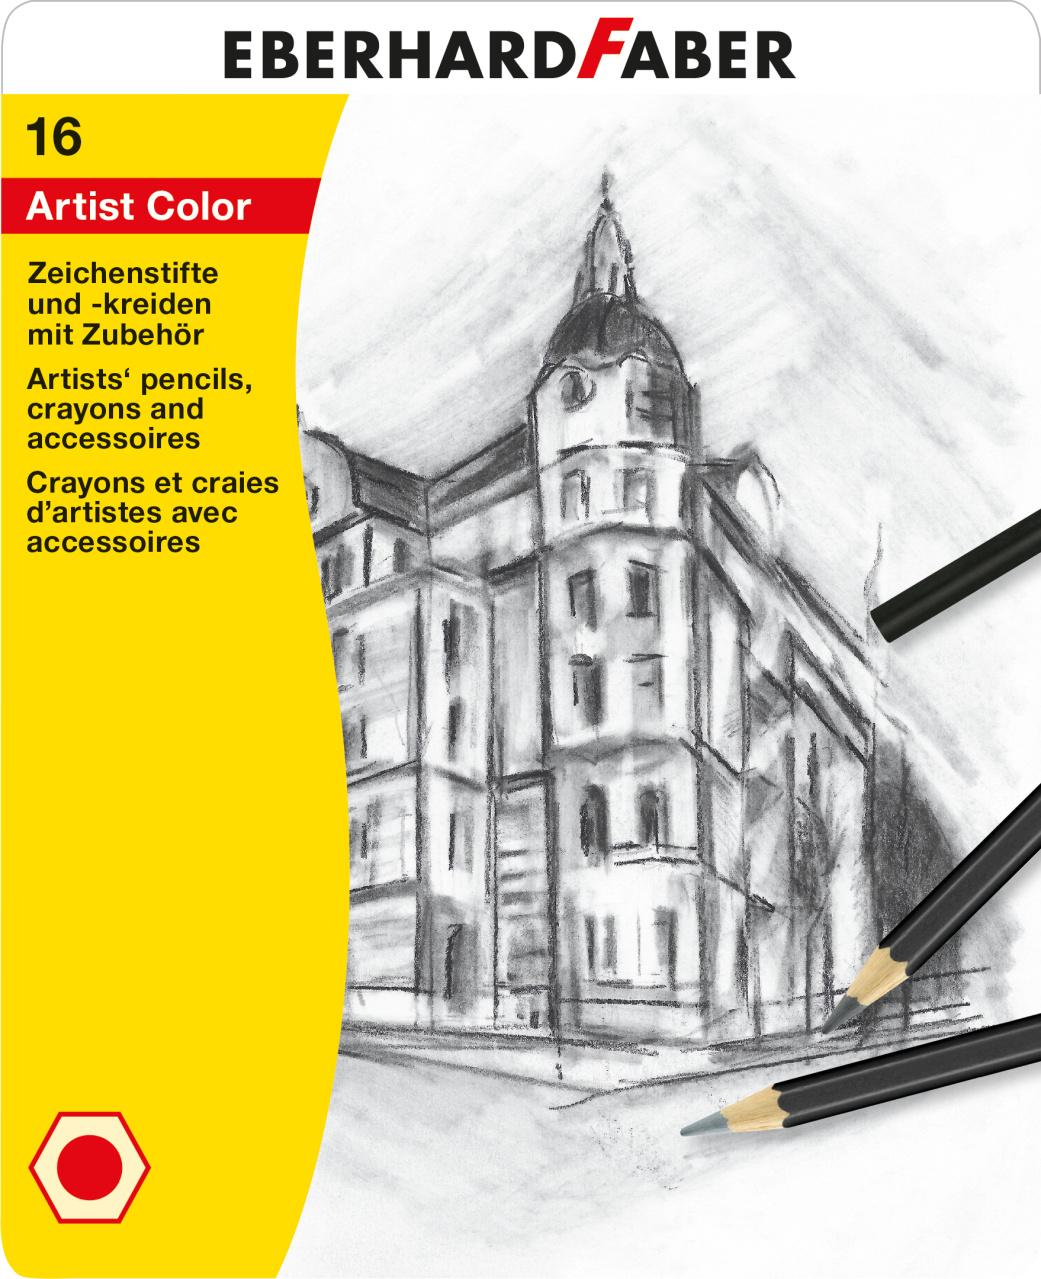 eberhard faber artist color skizzenset 16 teilig kreativ depot. Black Bedroom Furniture Sets. Home Design Ideas